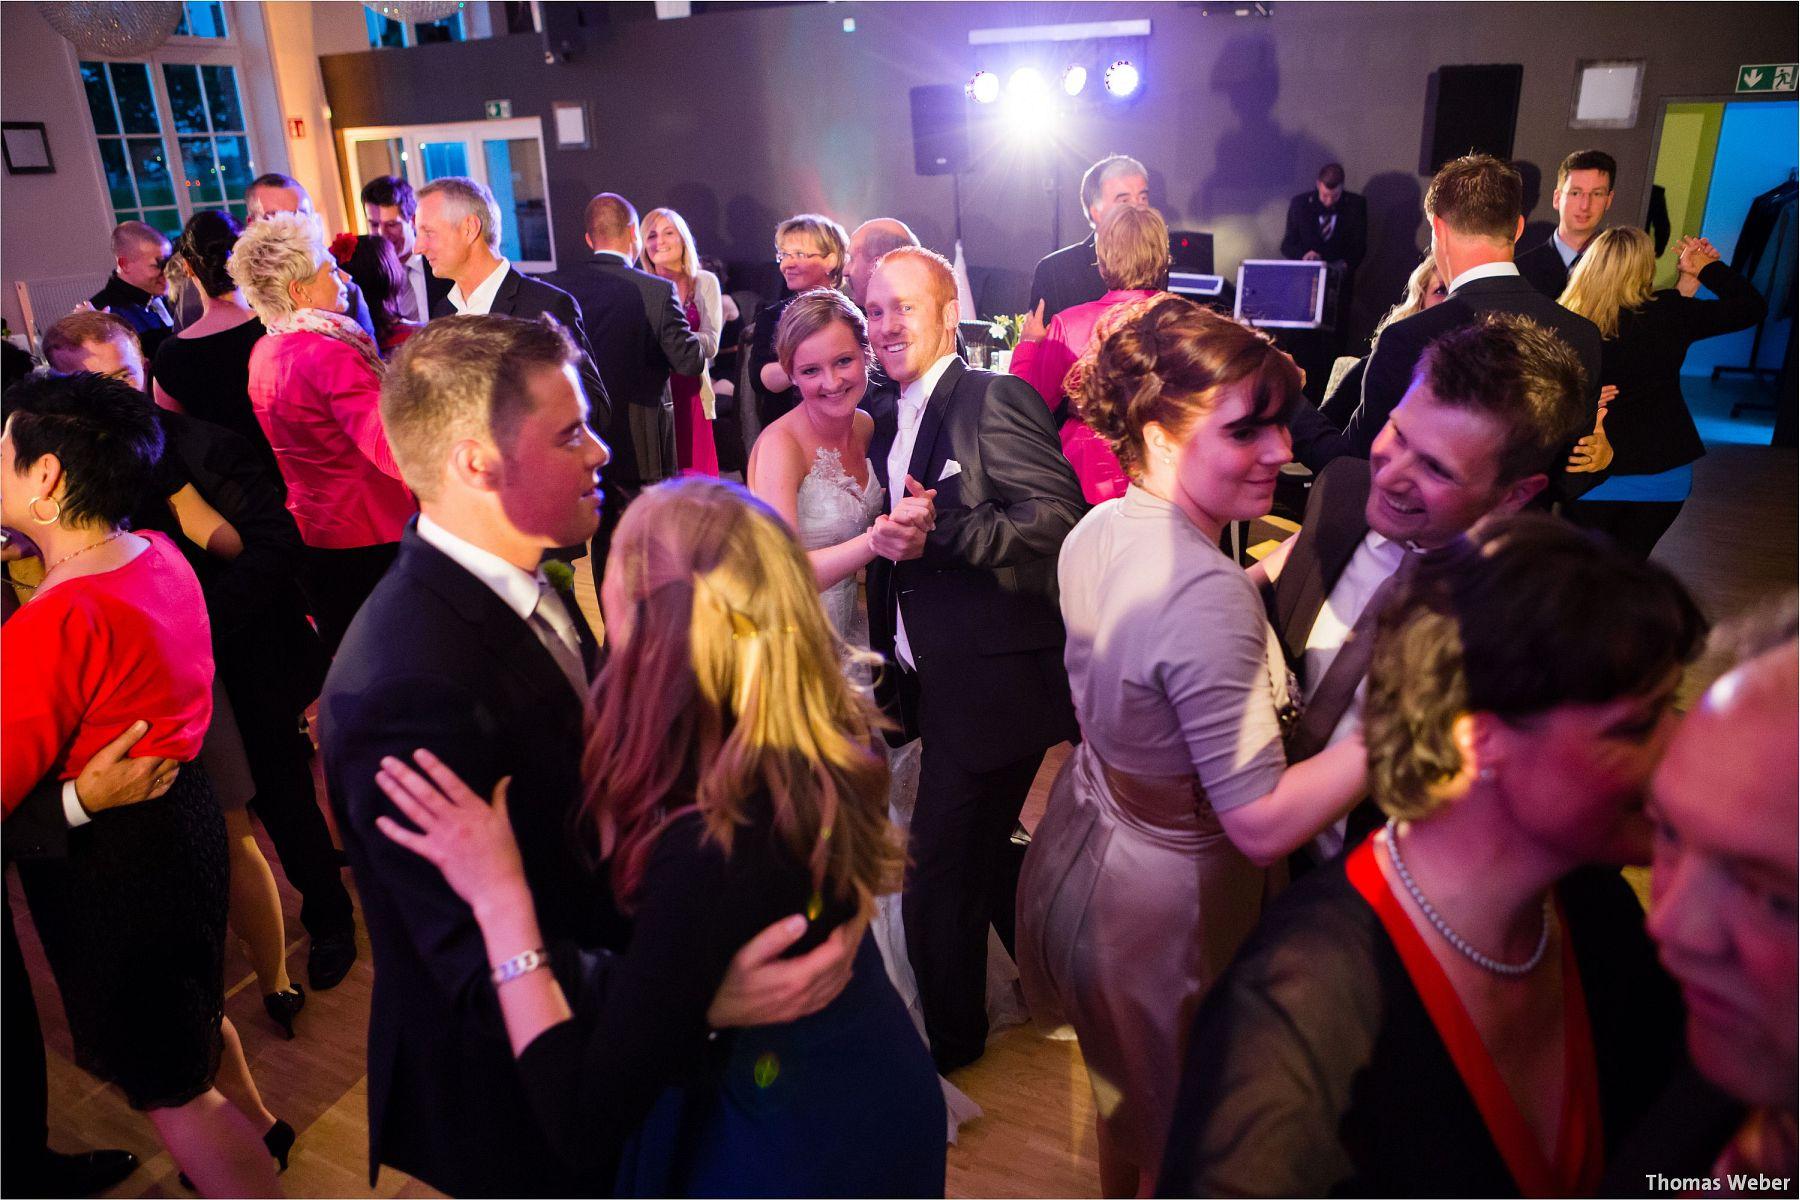 Hochzeitsfotograf Papenburg: Standesamtliche Trauung auf der Burg Kniphausen und Feier im Le Patron am Meer (69)